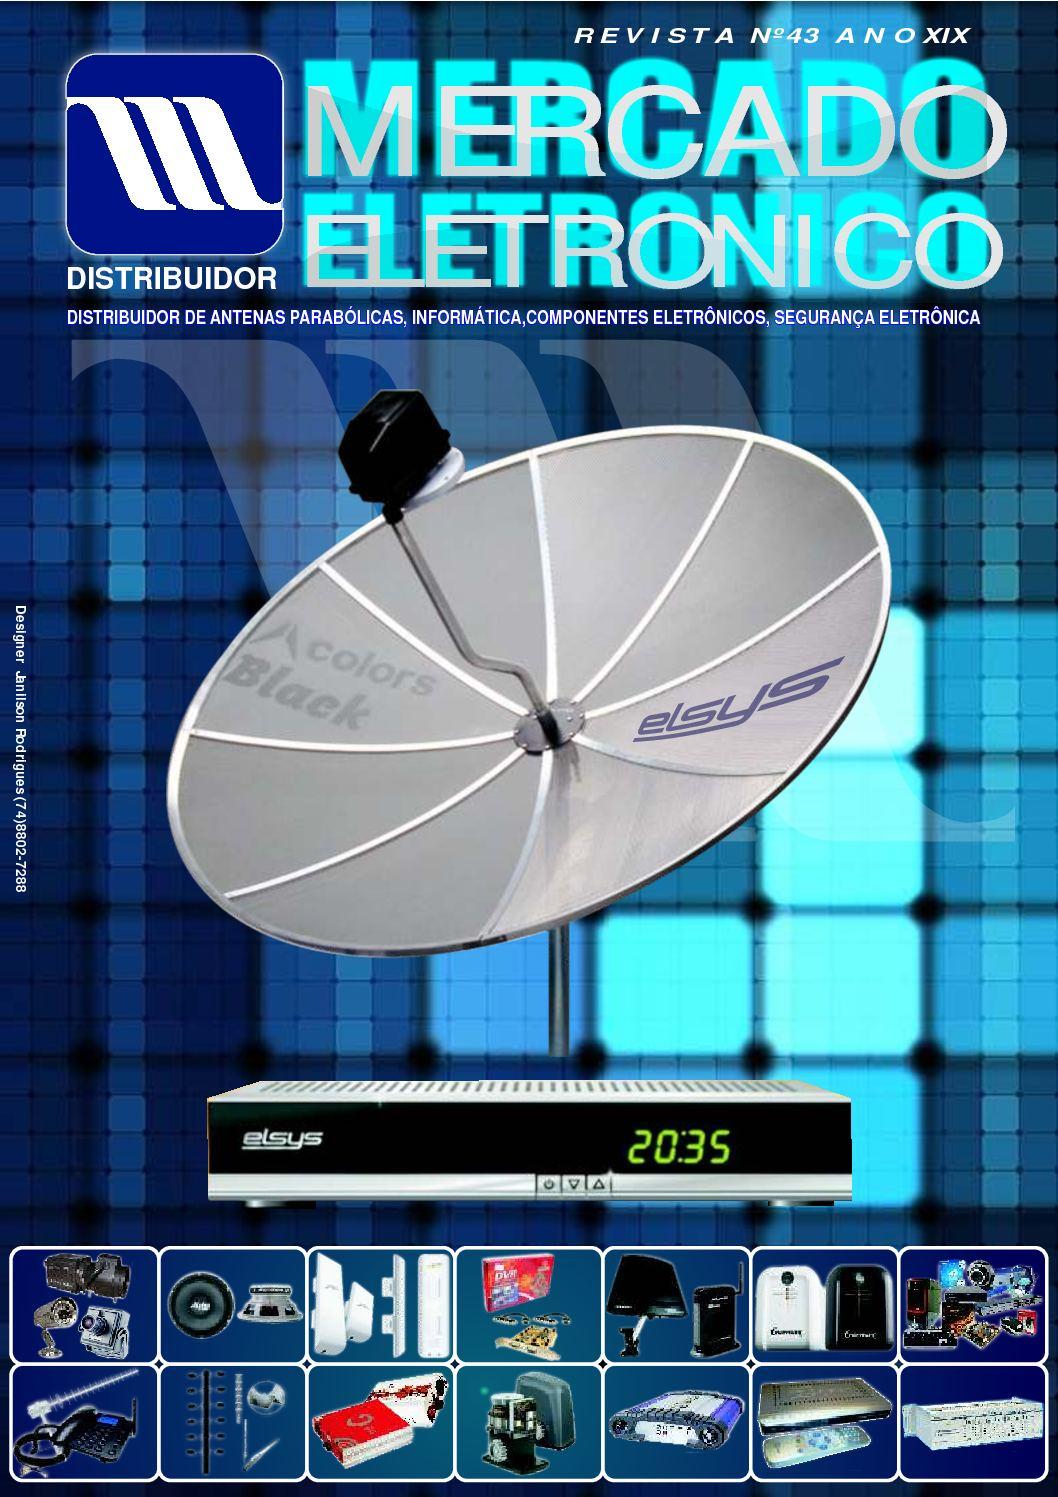 Calamo catlogo mercado eletrnico 2011 fandeluxe Gallery